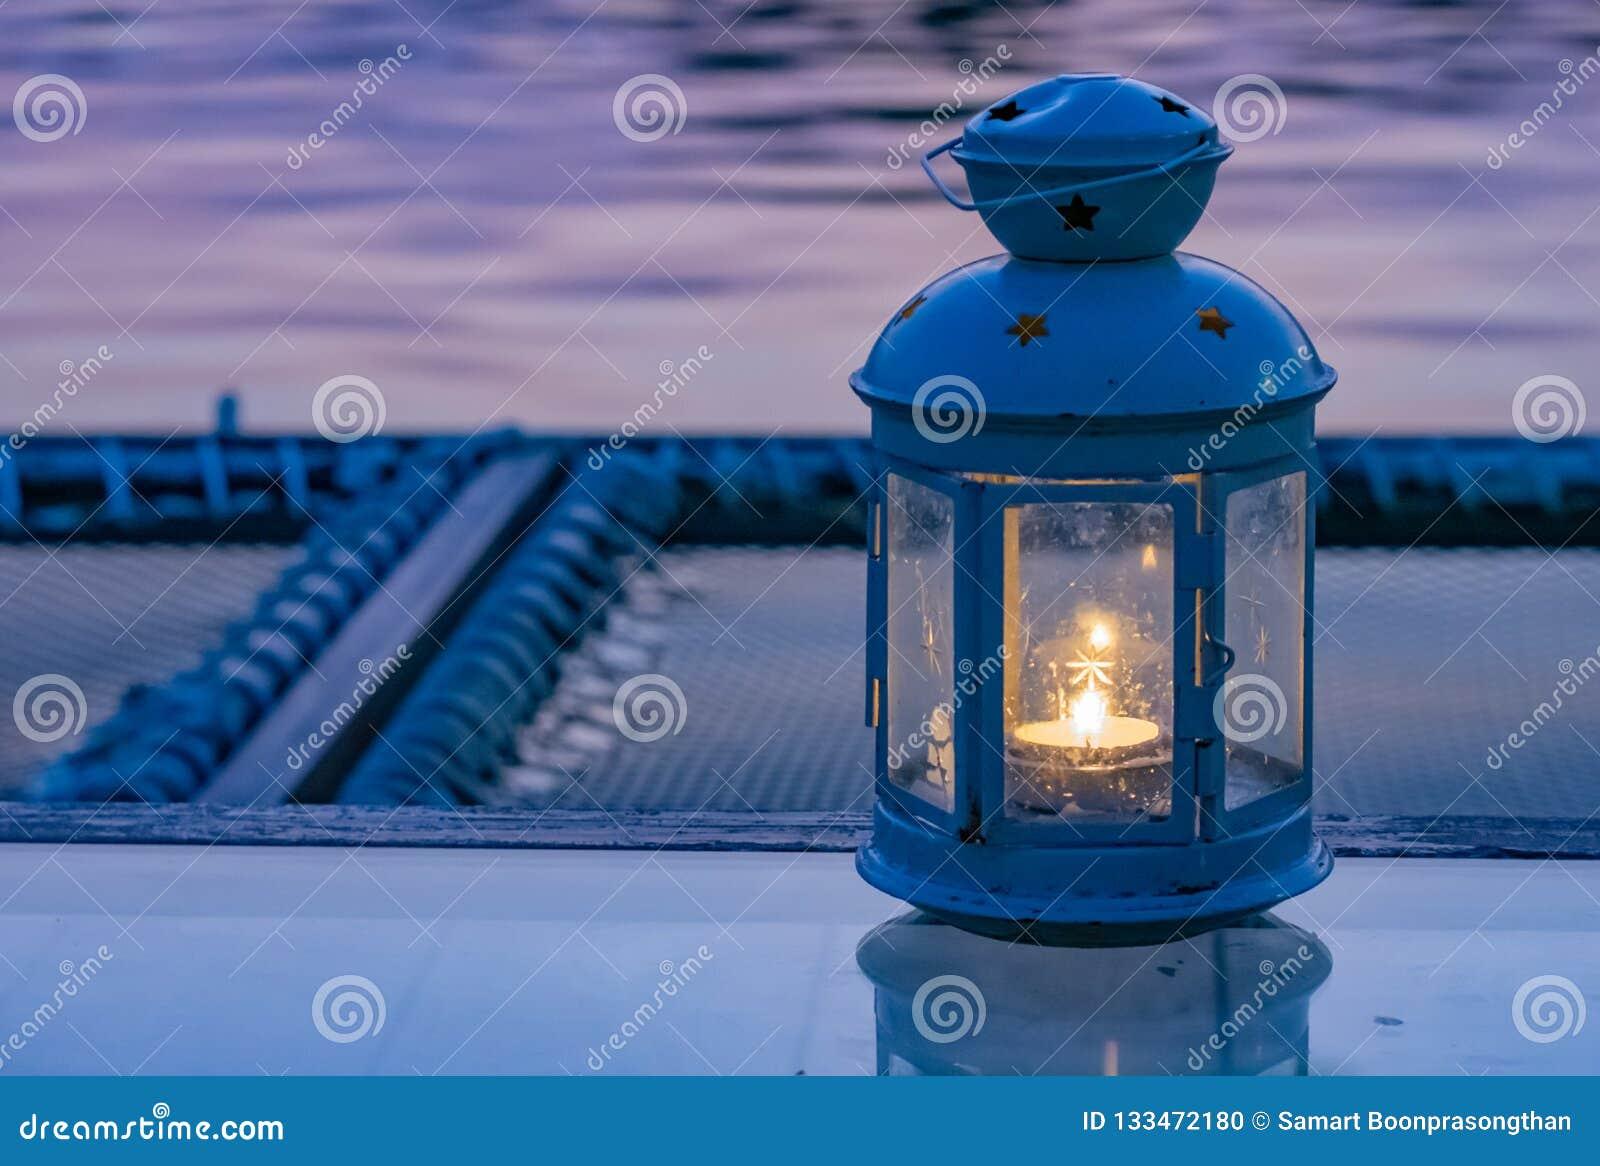 蜡烛火势在灯被控制,安置在桌